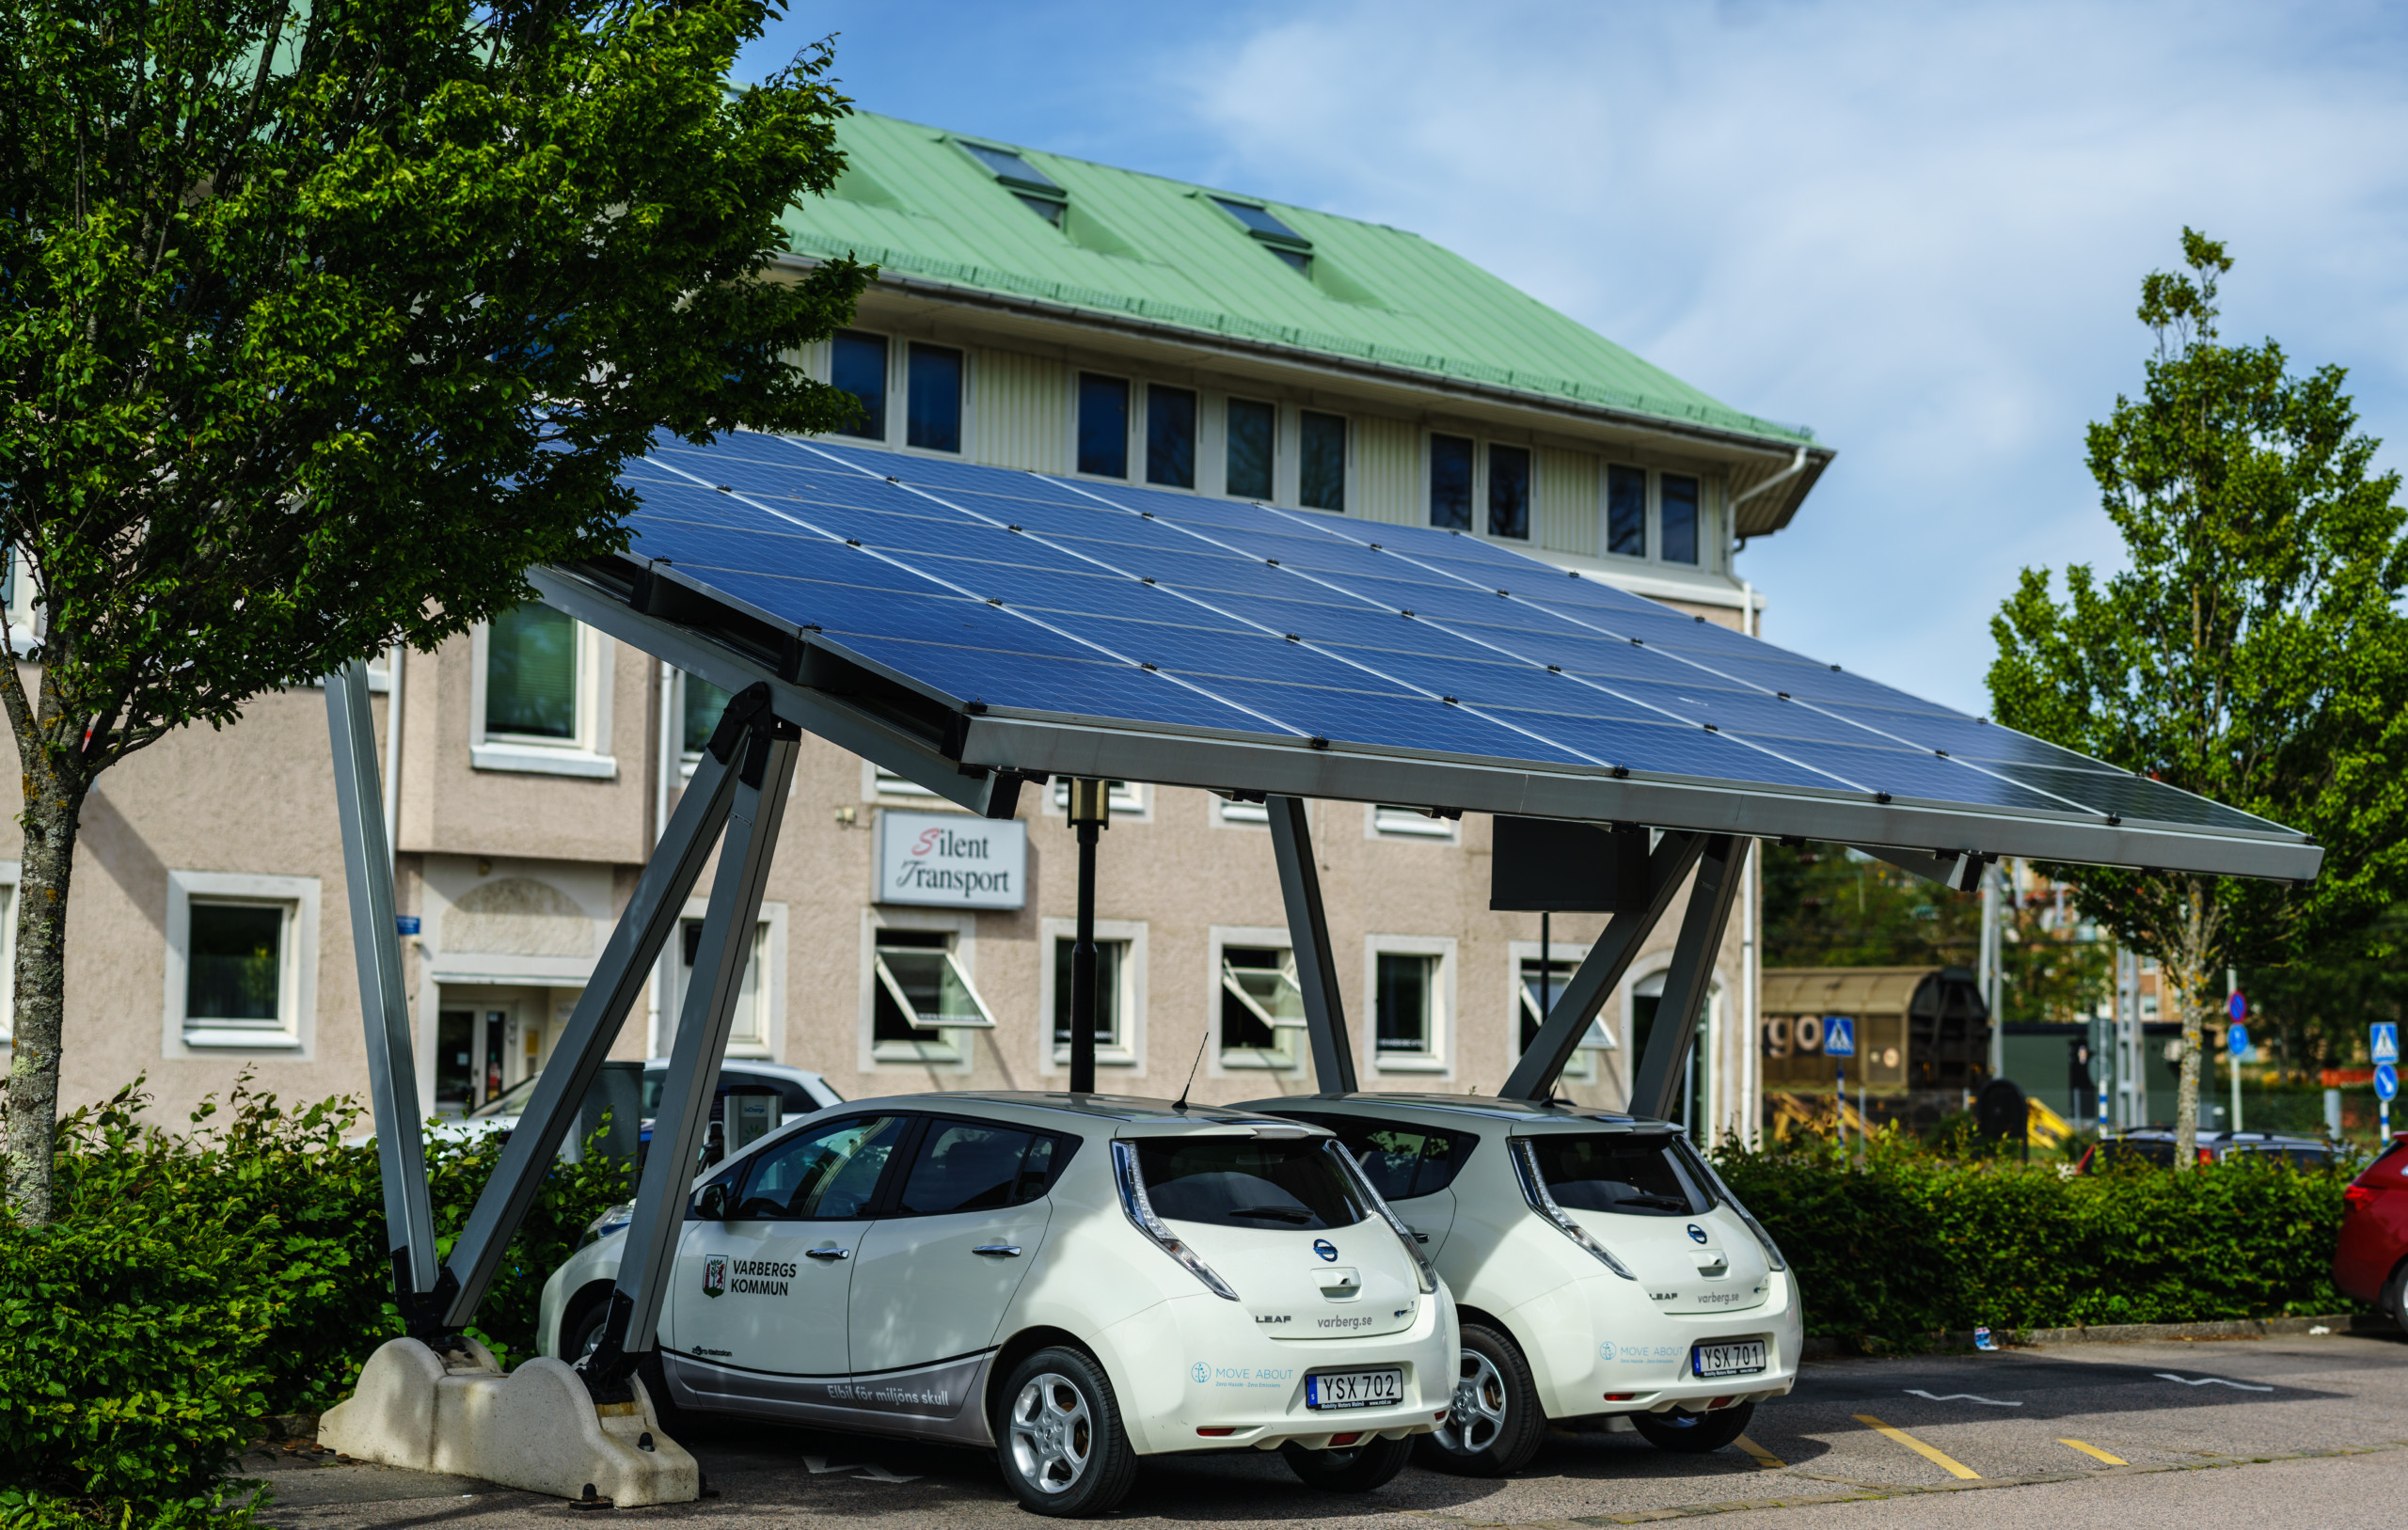 BU: Kosten senken und Klima schützen: PV-Anlage zum Laden des E-Fuhrparks nutzen (Foto: Shutterstock).